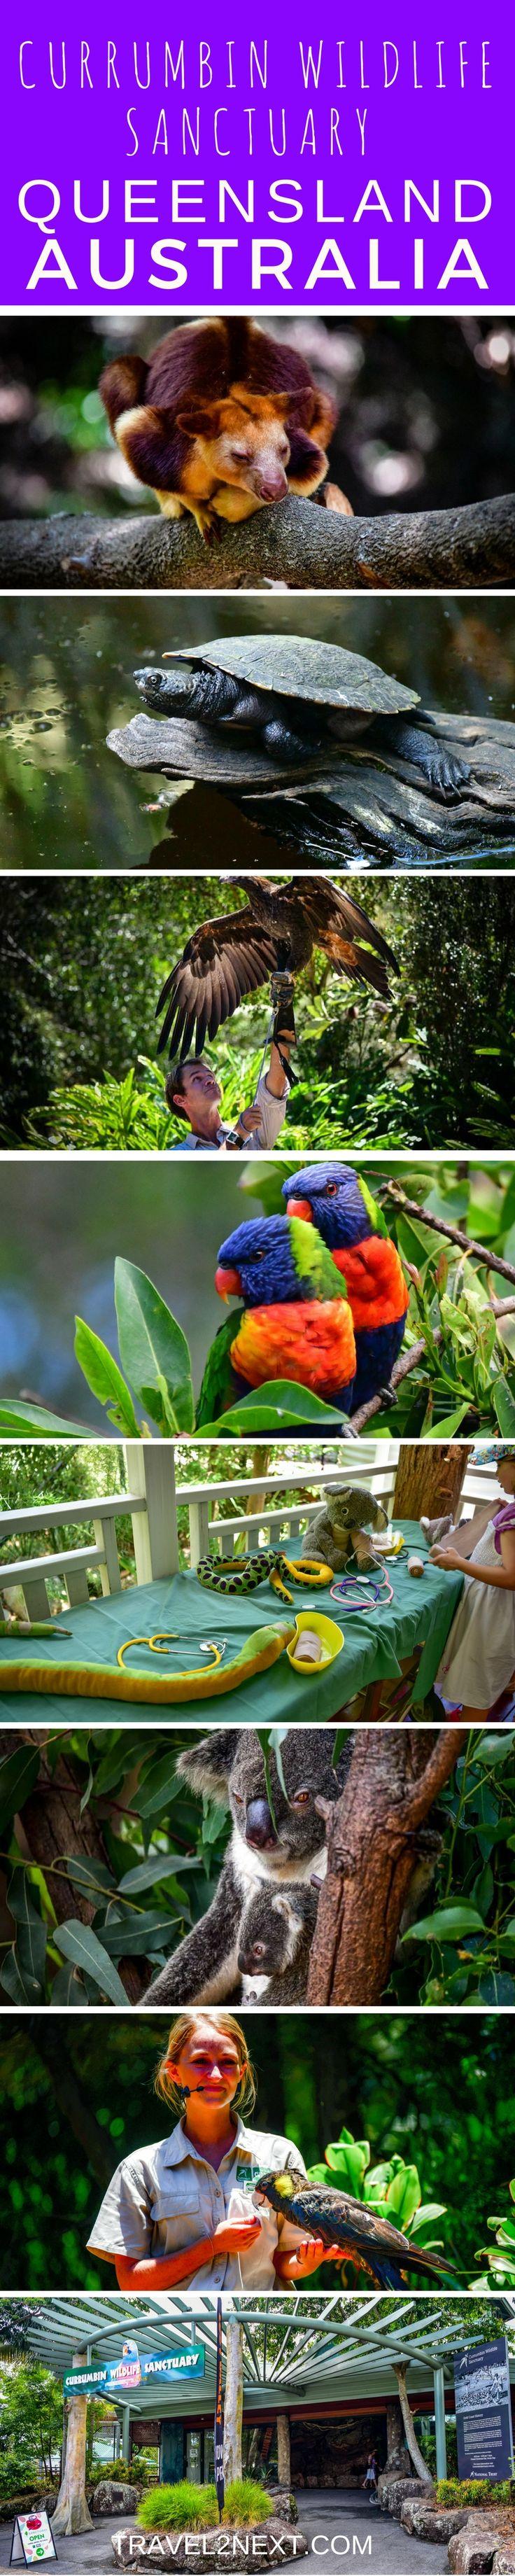 Currumbin Wildlife Sanctuary - The Lost  Valley in Queensland, Australia.